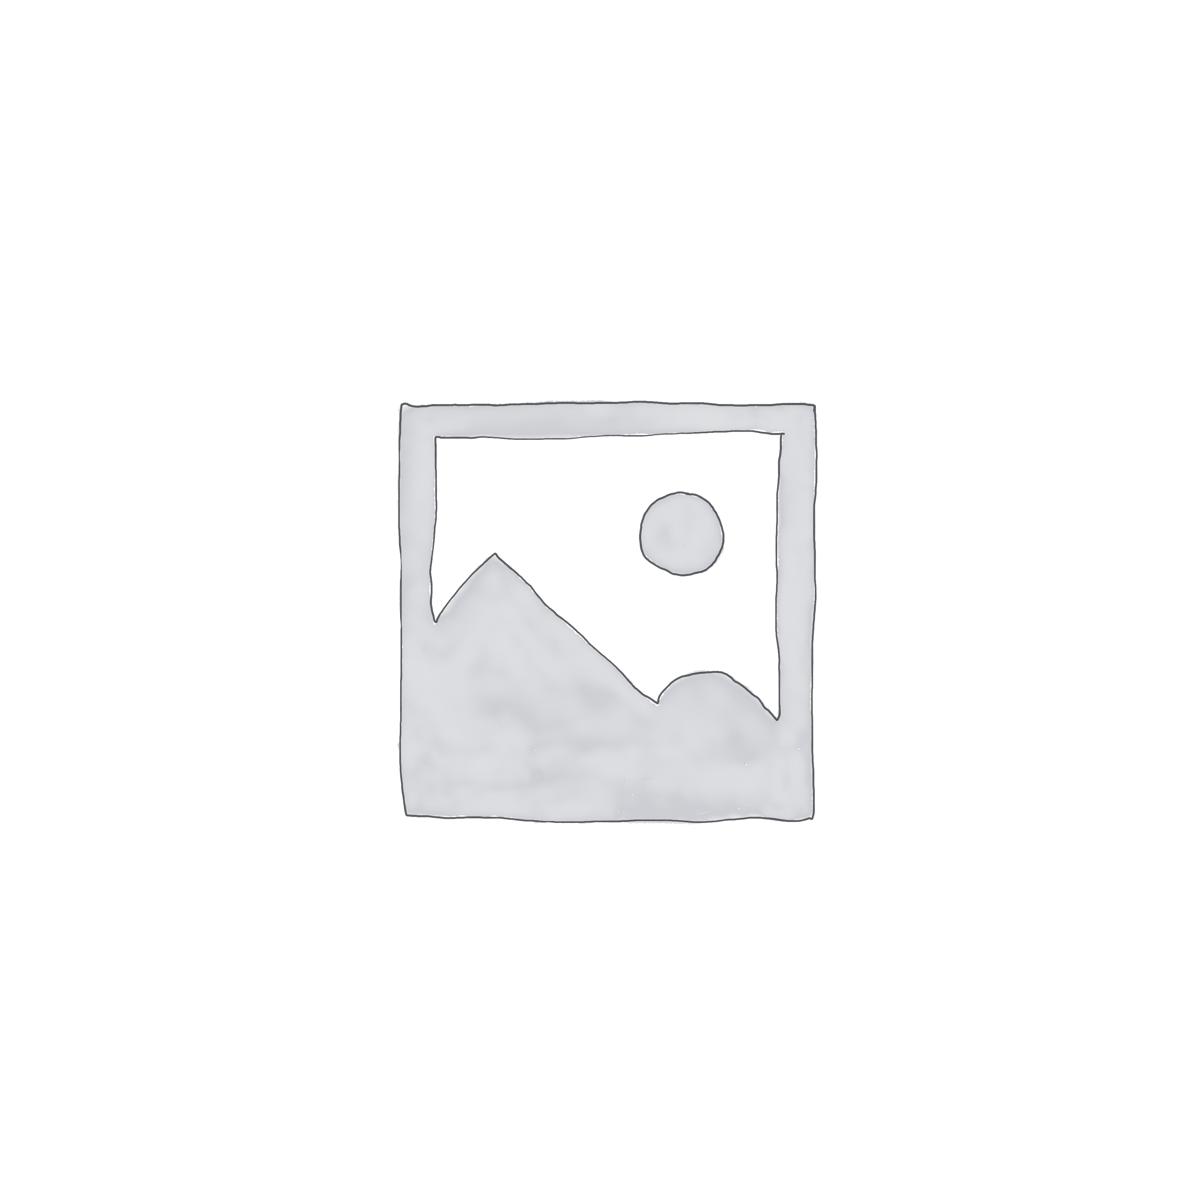 Black and White Flower Wallpaper Mural